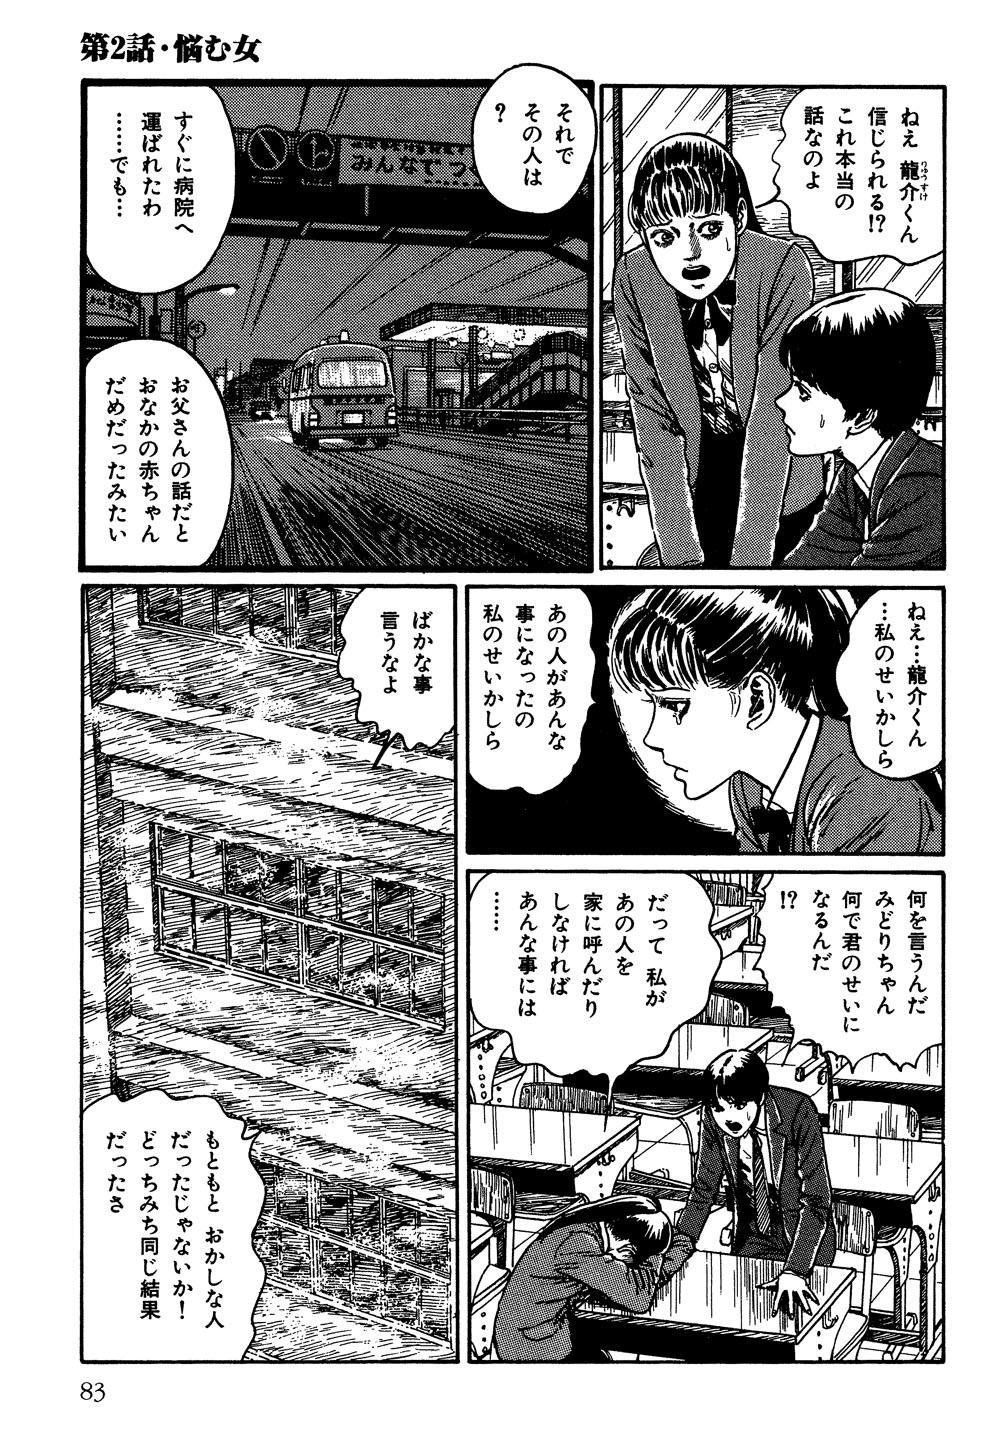 itouj_0004_0085.jpg